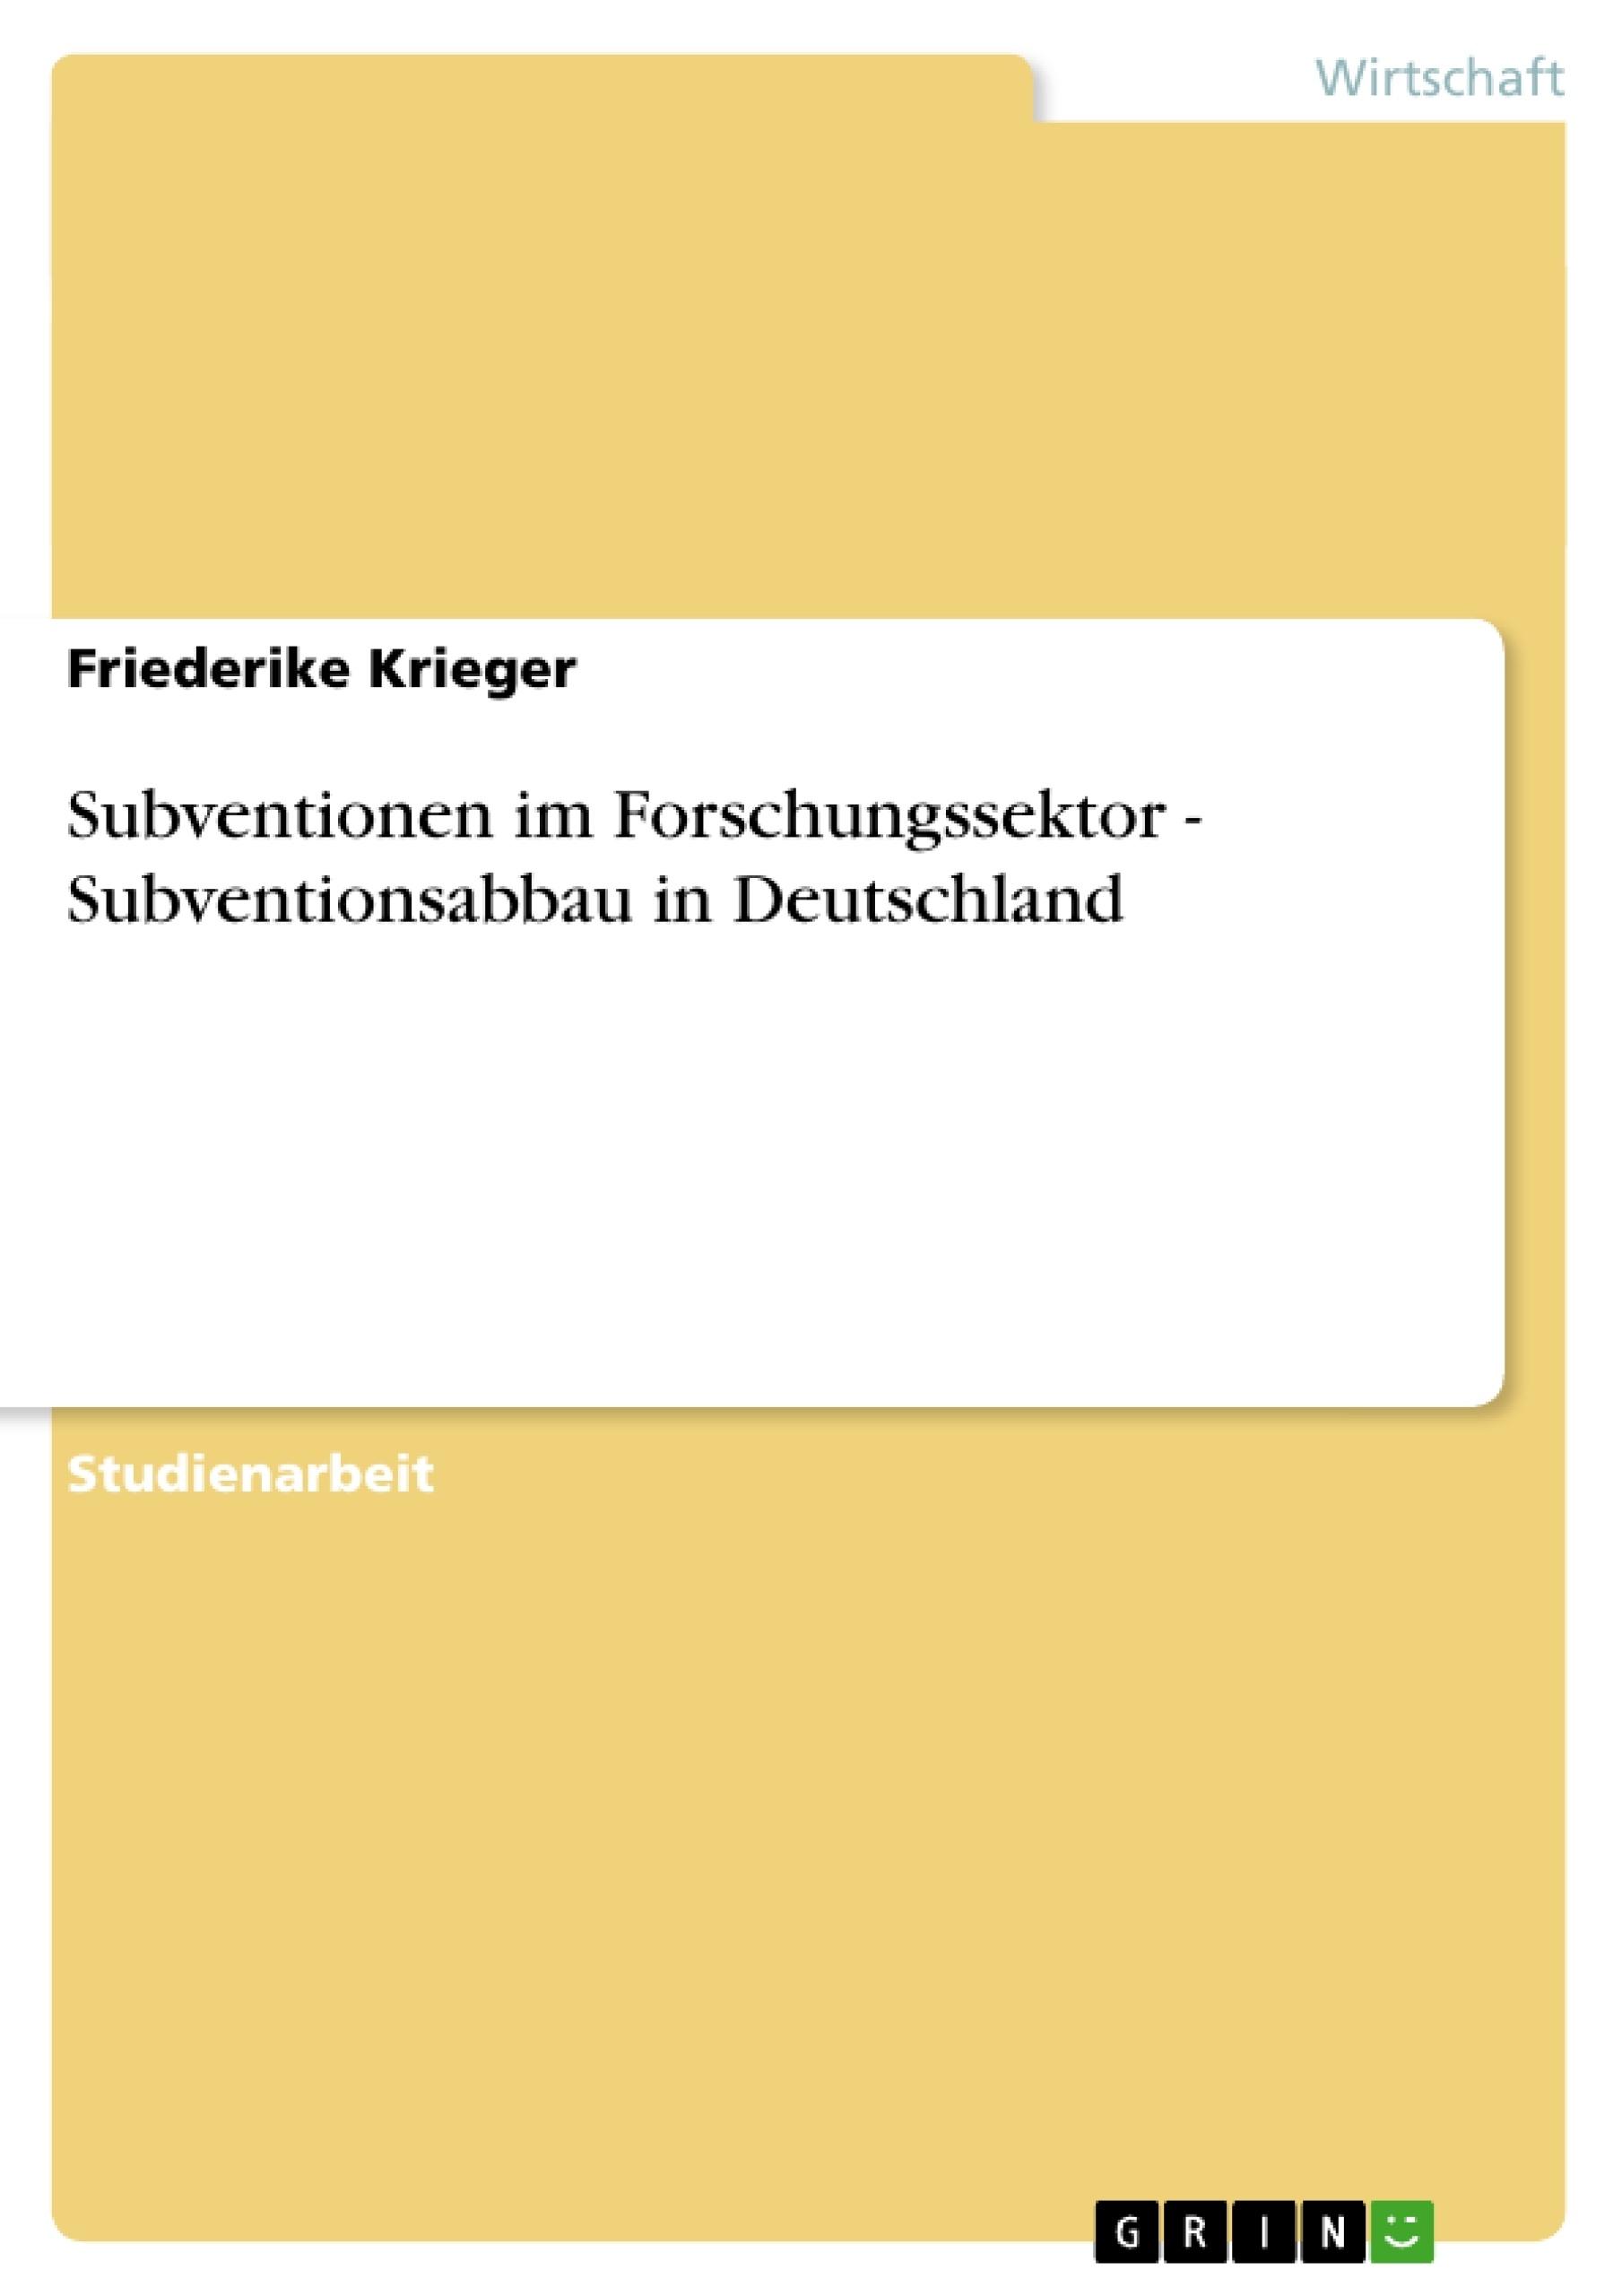 Titel: Subventionen im Forschungssektor - Subventionsabbau in Deutschland